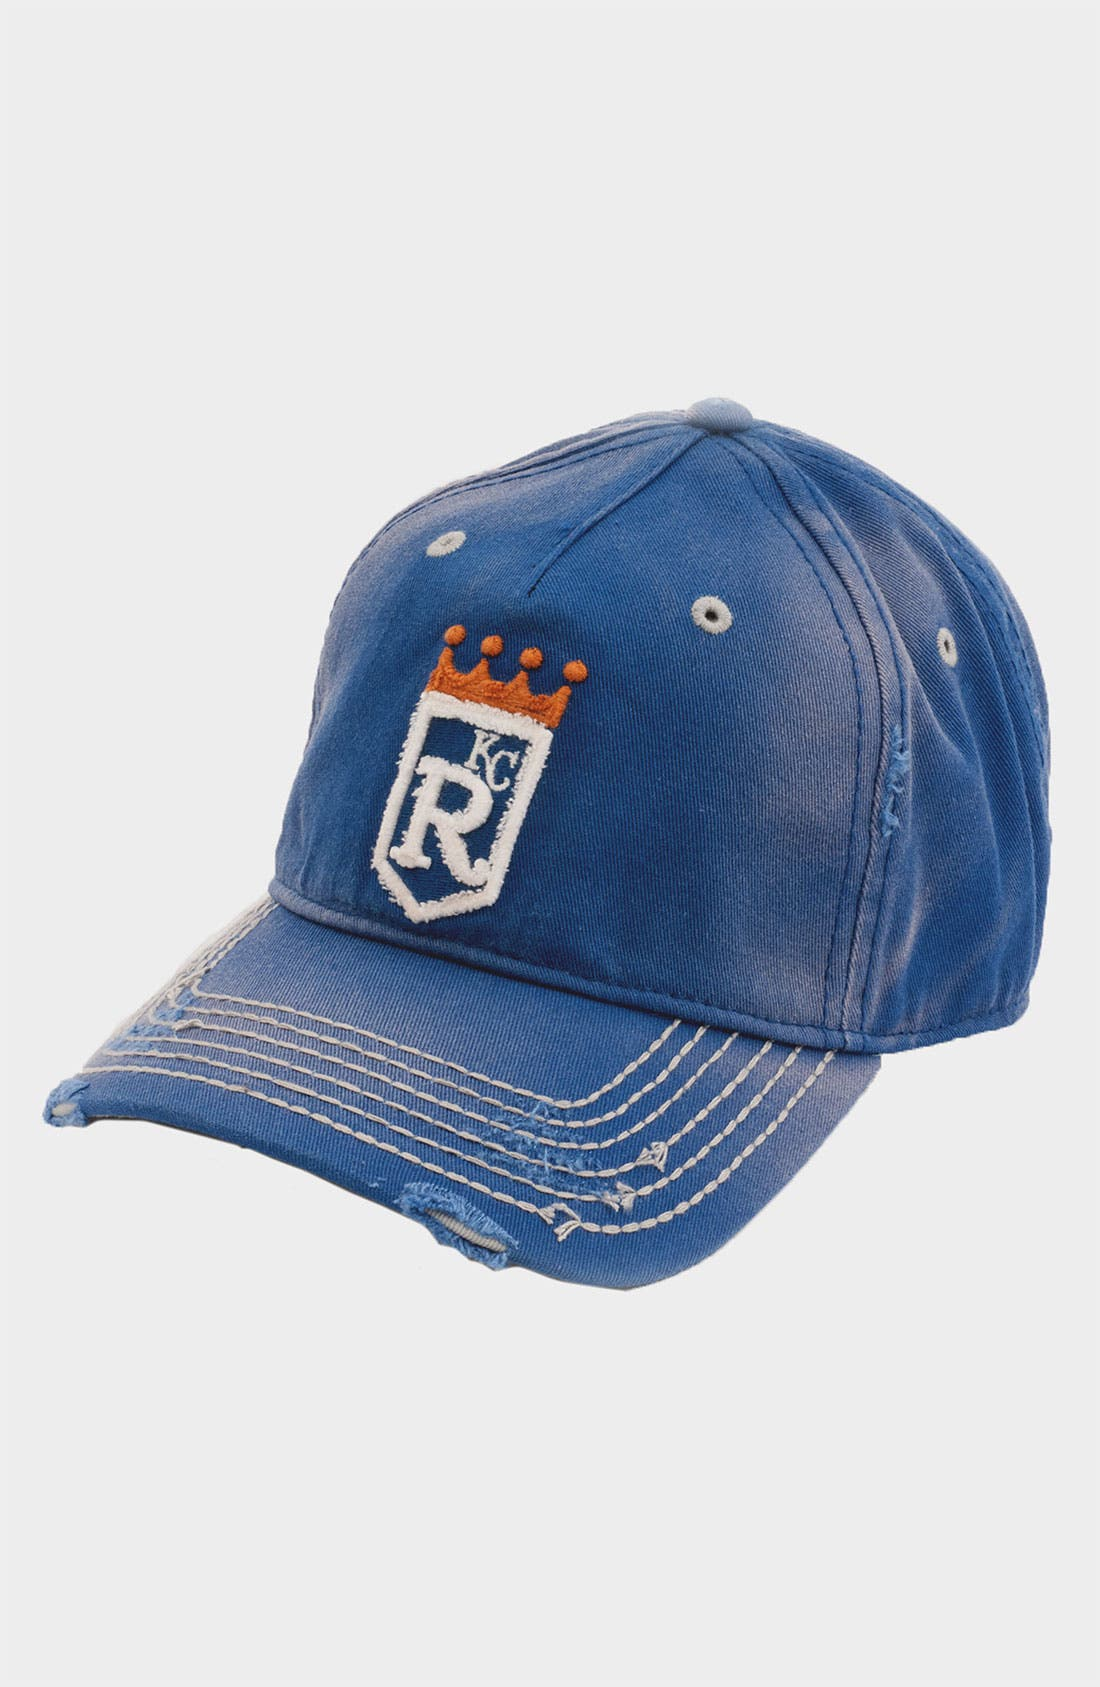 Main Image - American Needle 'Kansas City Royals' Baseball Cap